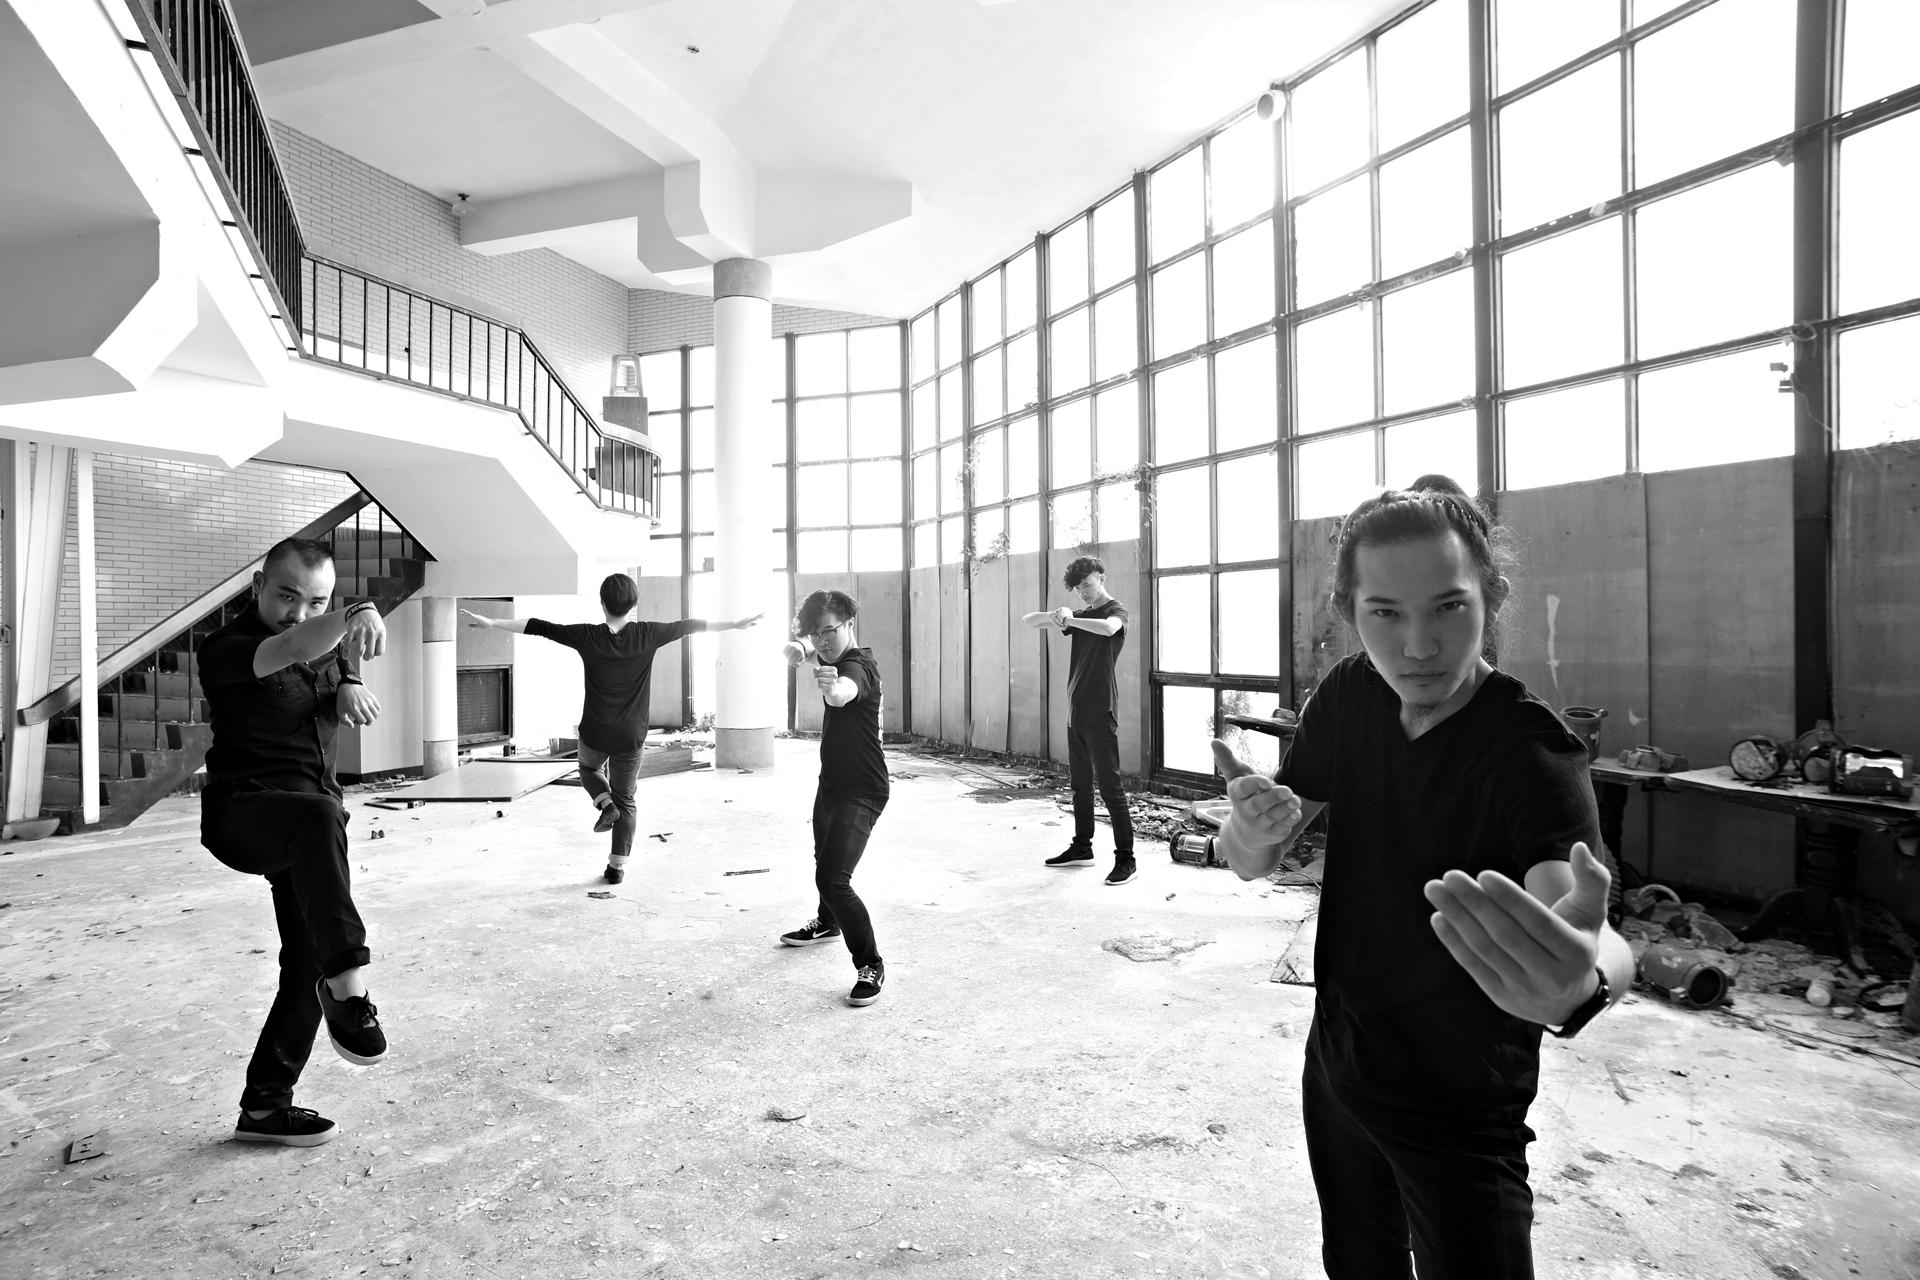 麻花捲怪獸《時去青春》發片演出 7 月 3 日將在高雄岩石音樂登場!